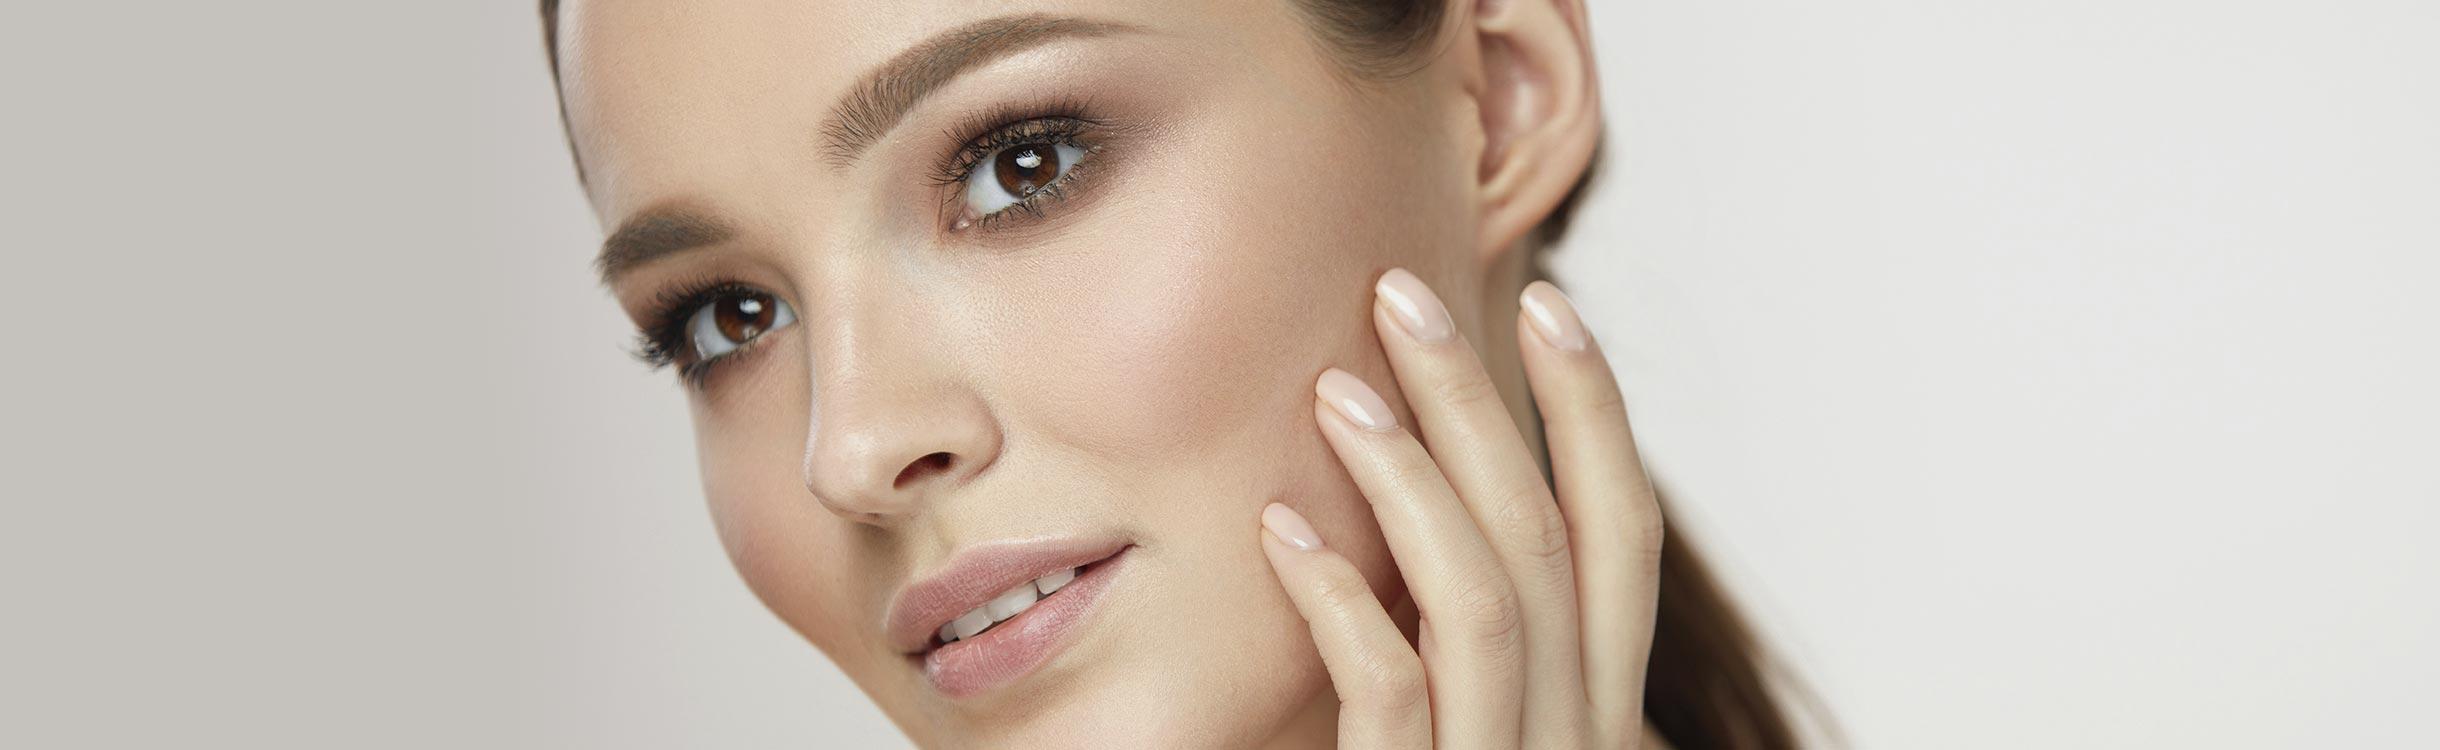 Maquiagem Dermocosmética para Rosto